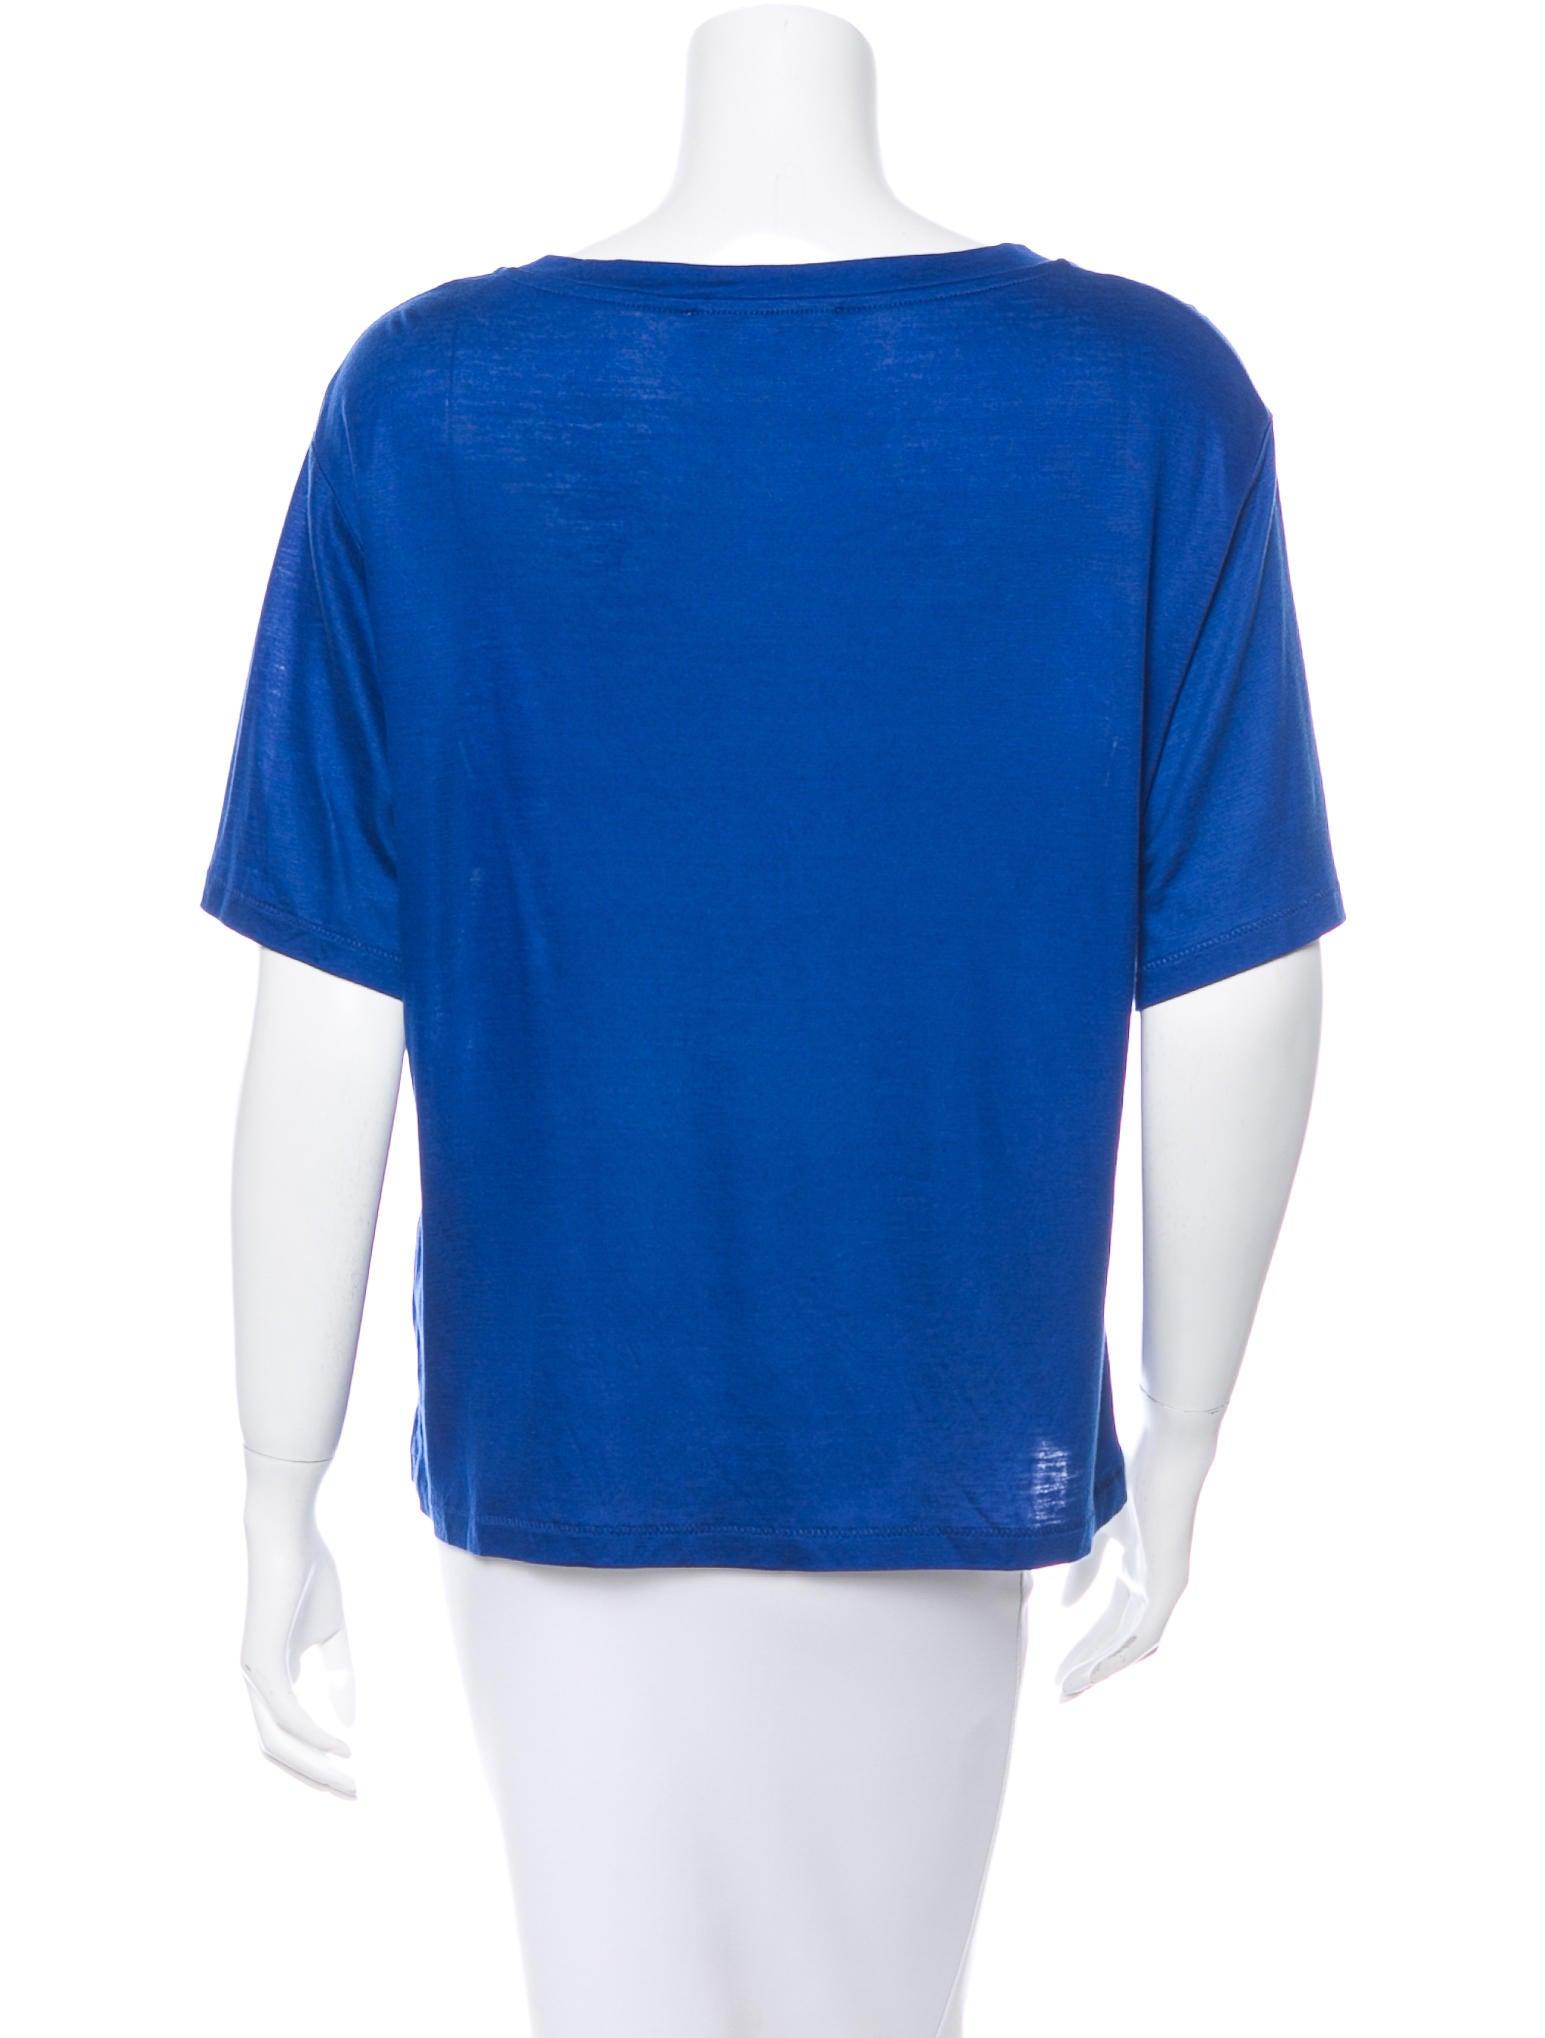 Acne Crew Neck Short Sleeve T Shirt Clothing Acn25665